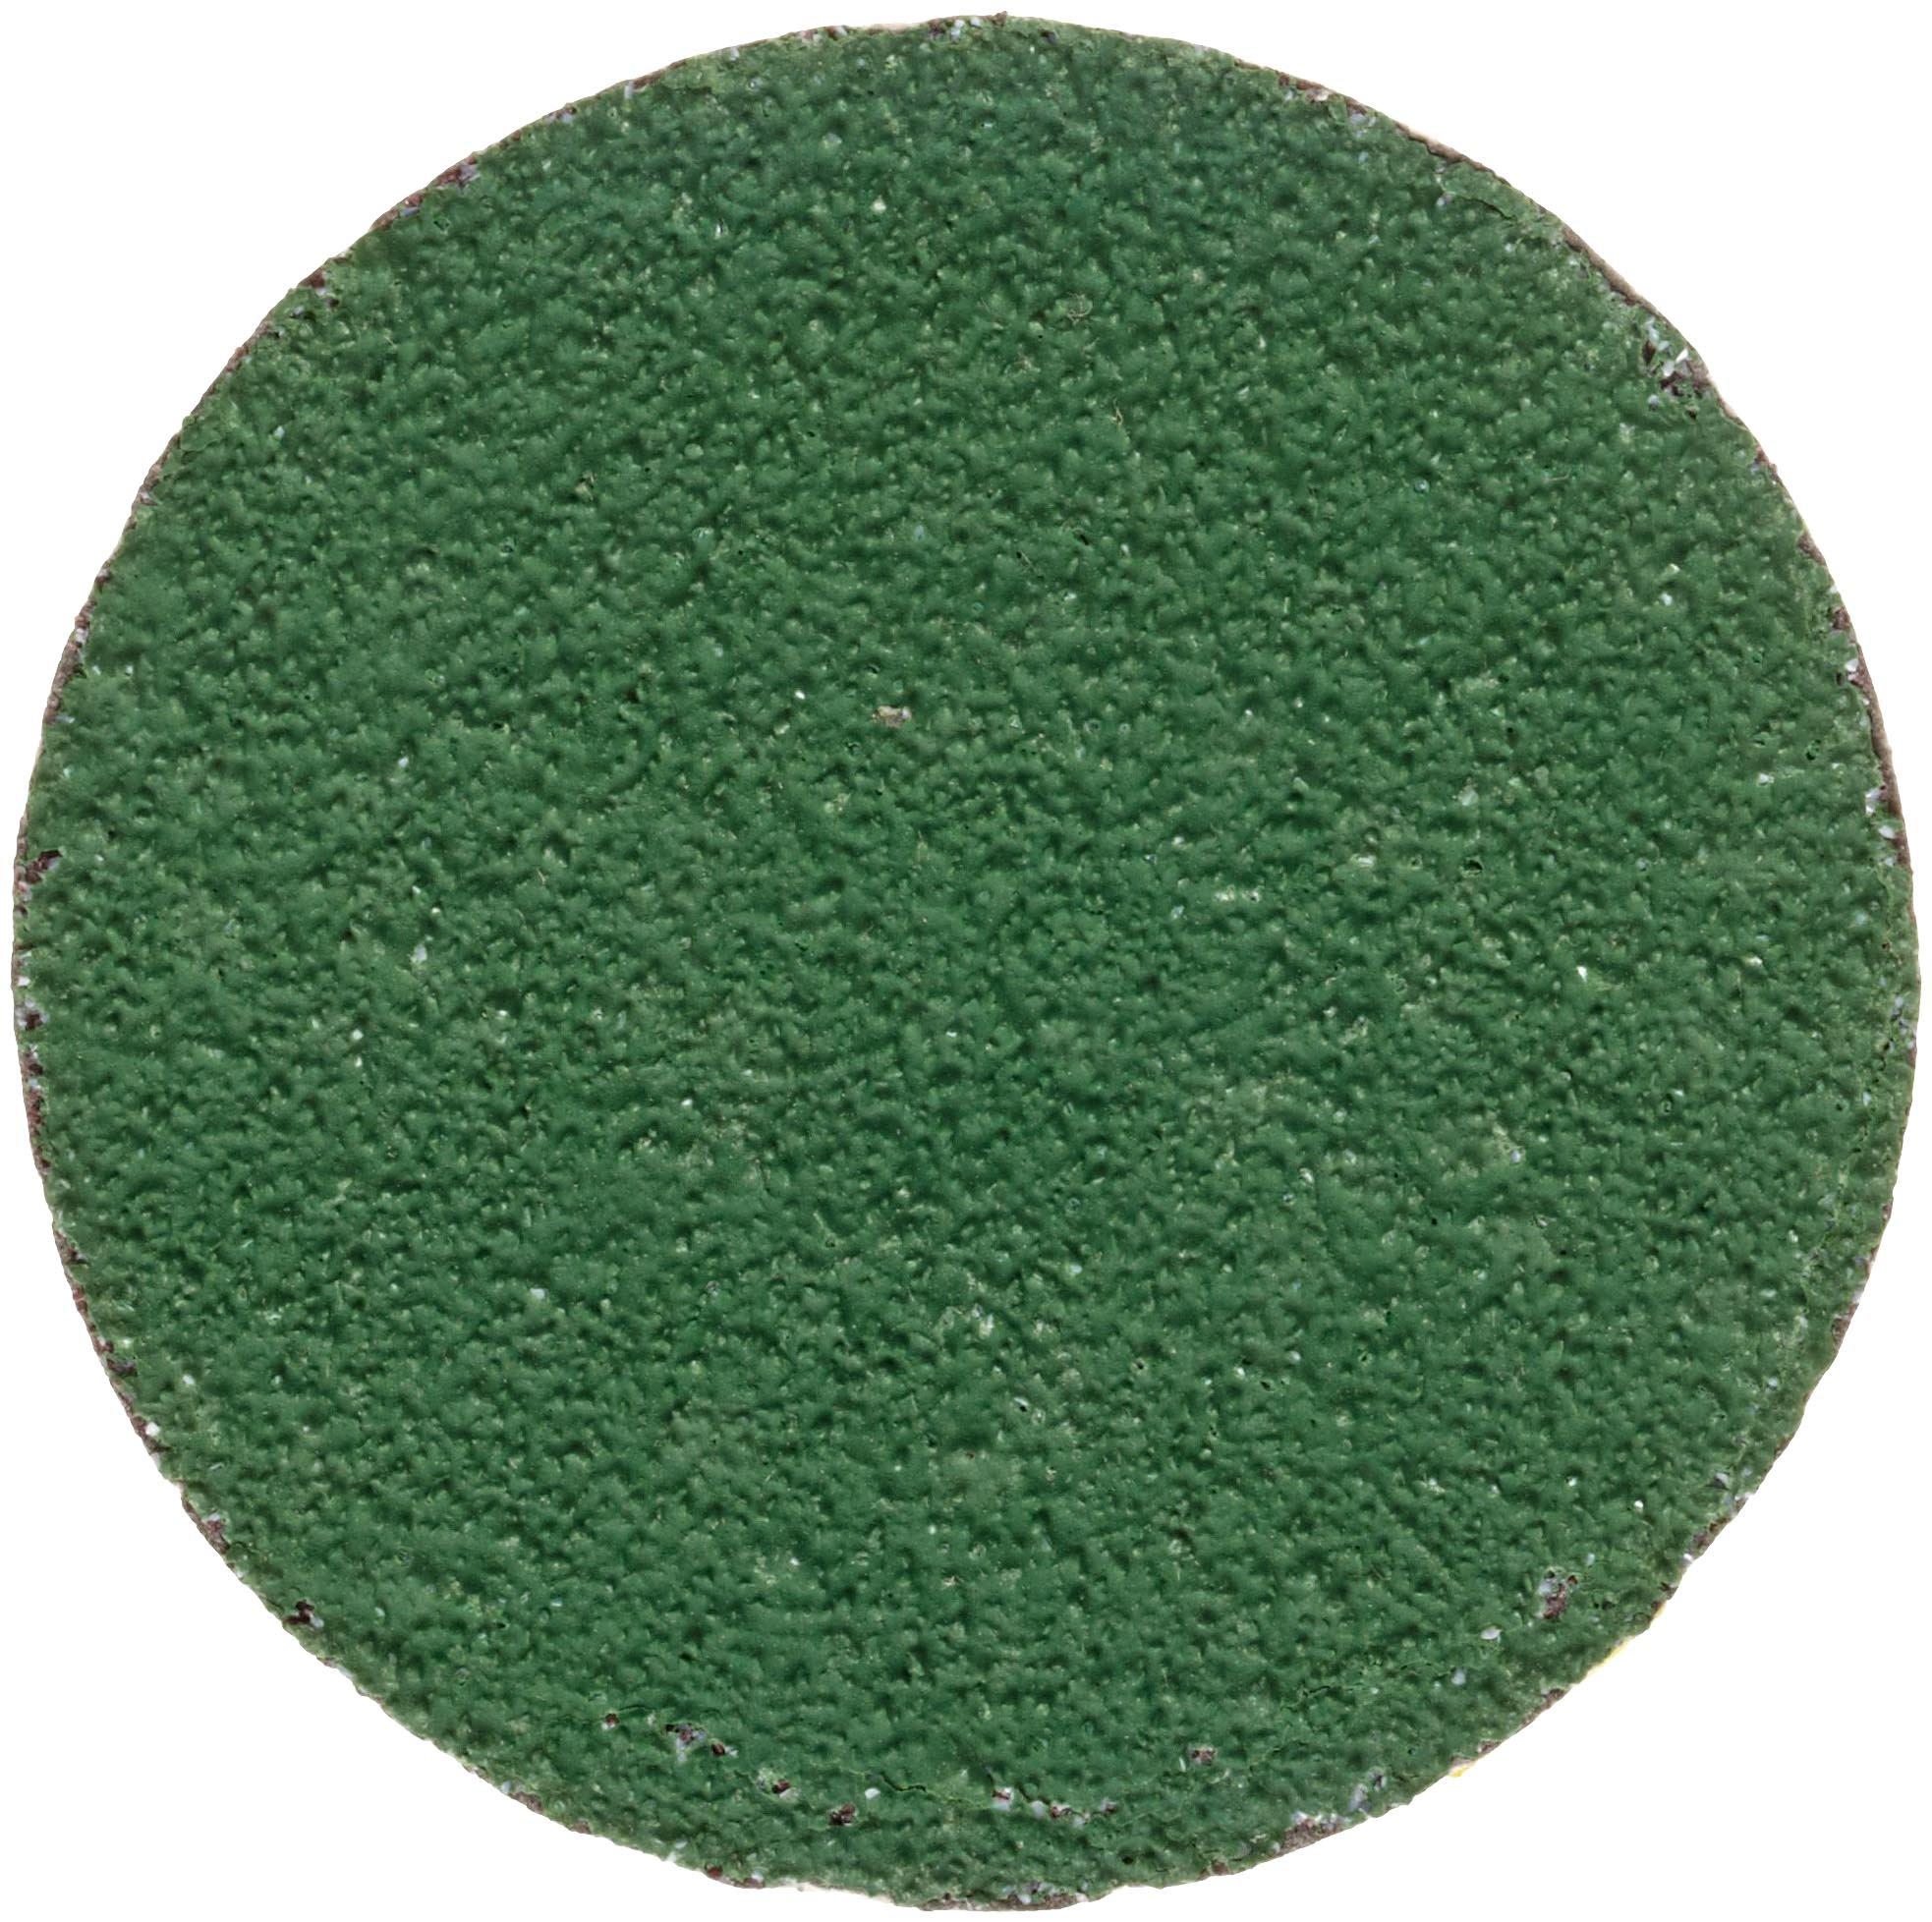 Merit Zenith Abrasive Disc, Resin Bond, Fiber Backing, Type II, Ceramic Aluminum, 2'' Diameter, Grit 60 (Box of 100)